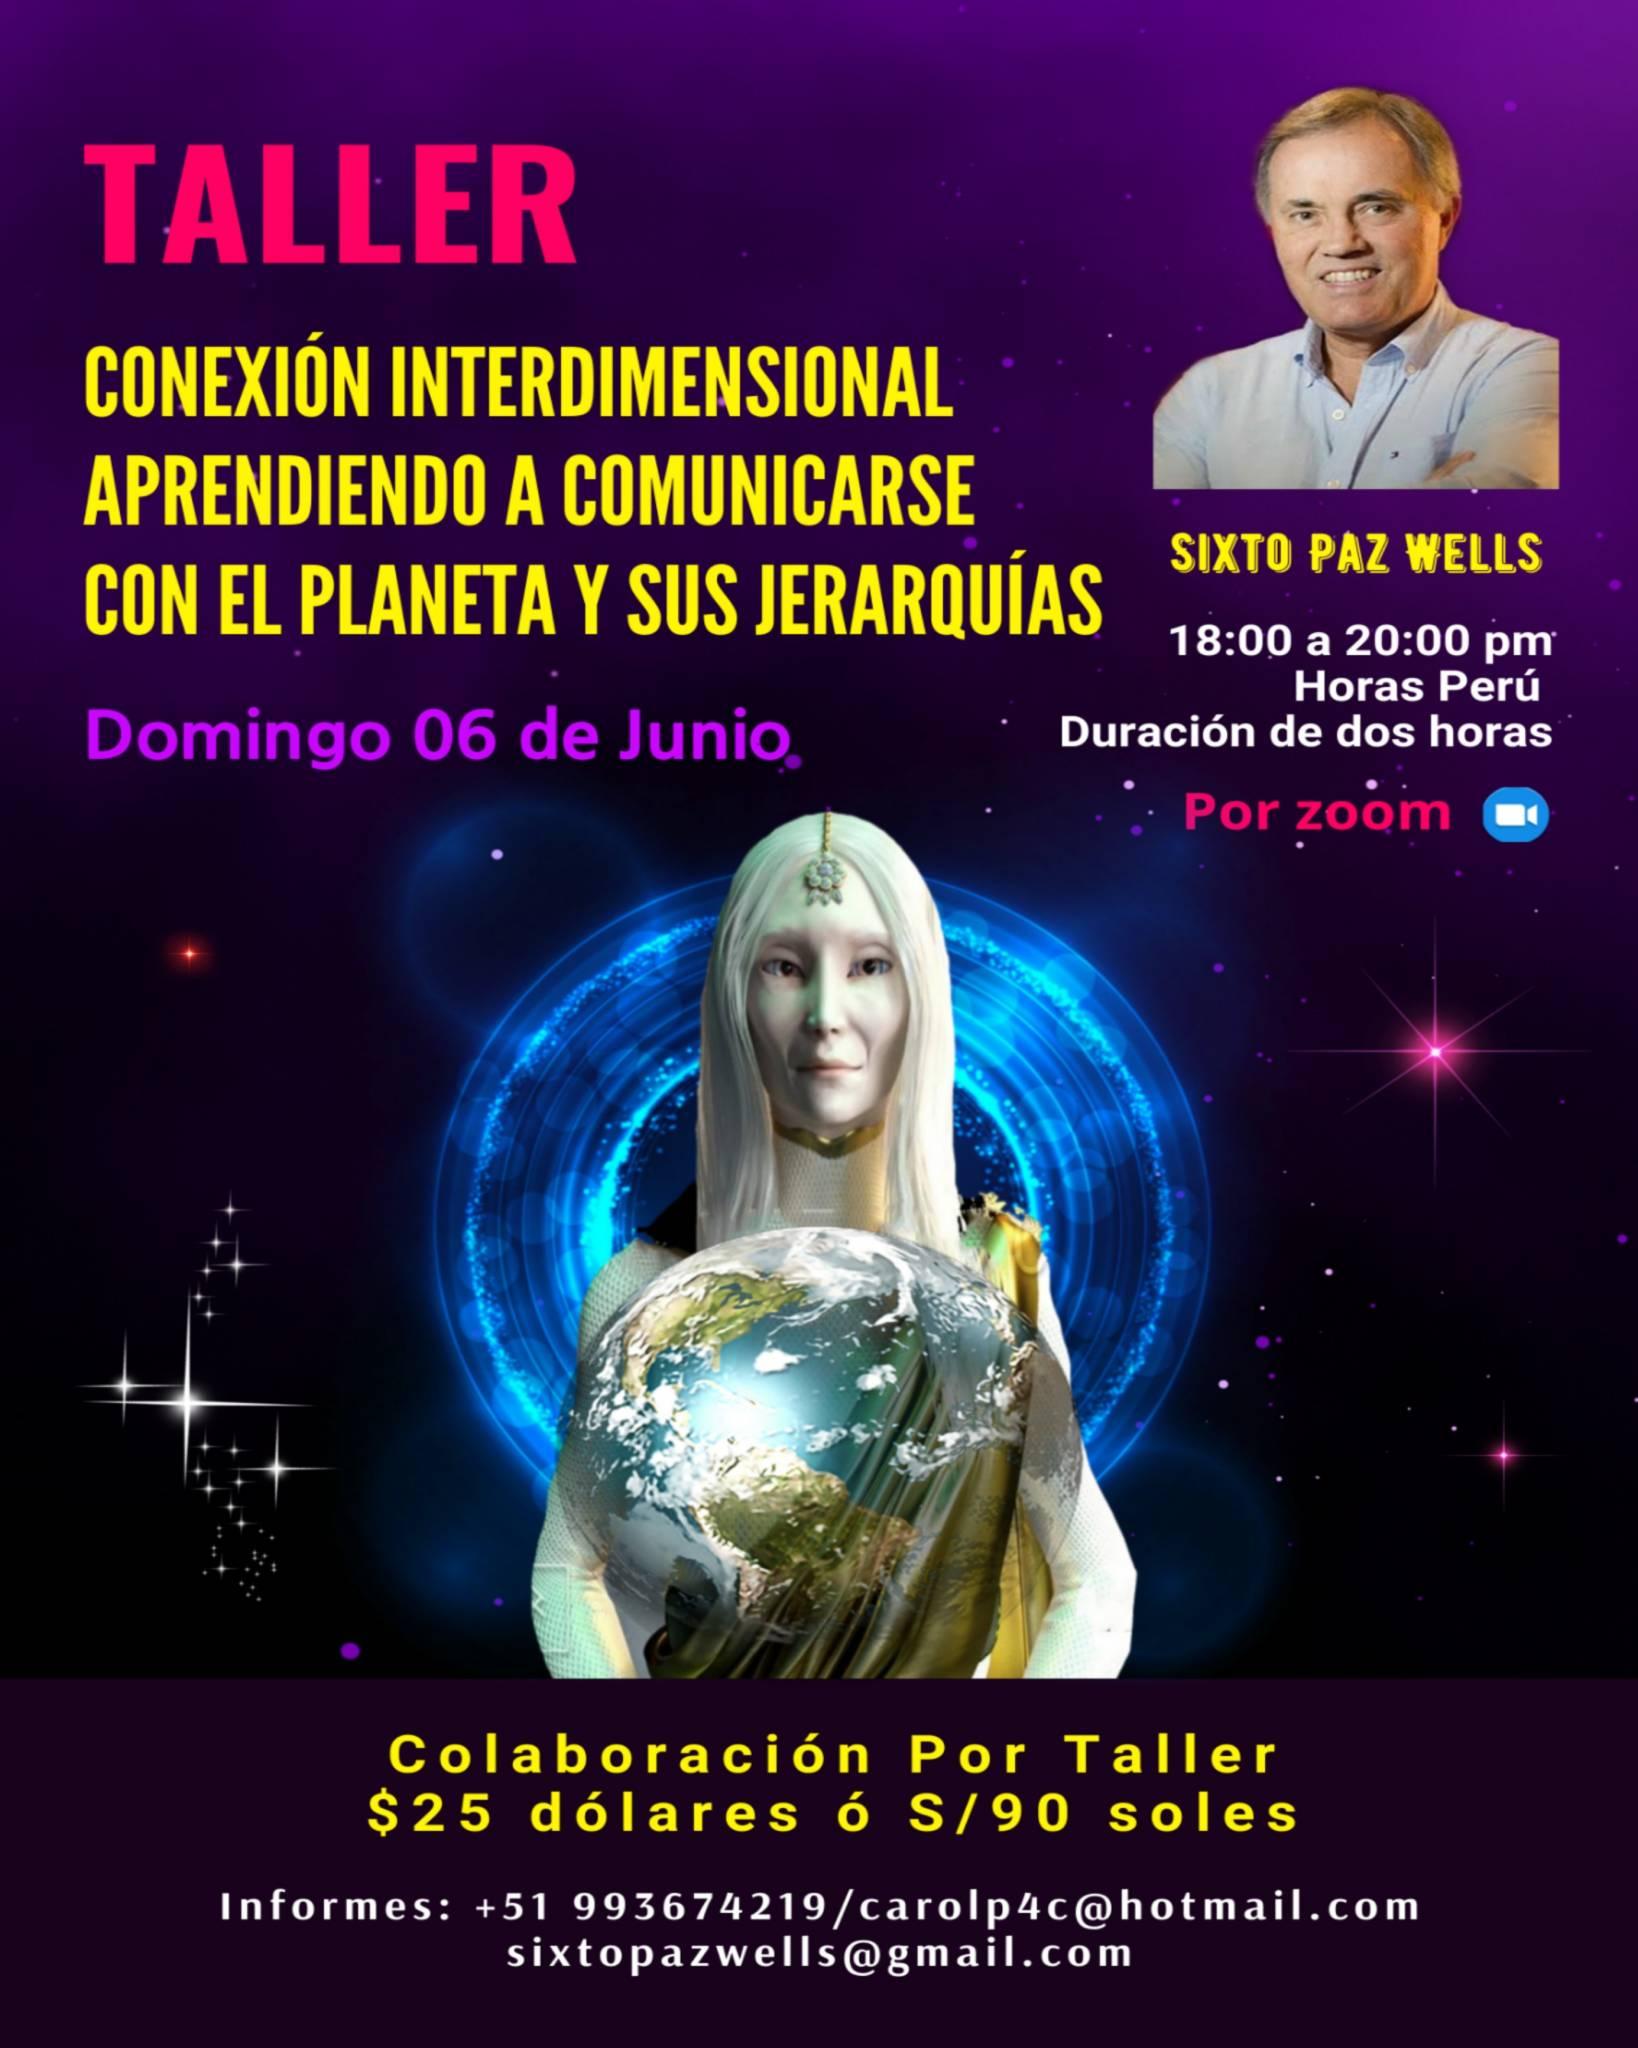 TALLER – CONEXIÓN INTERDIMENSIONAL APRENDIENDO A COMUNICARSE CON EL PLANETA Y SUS JERARQUÍAS